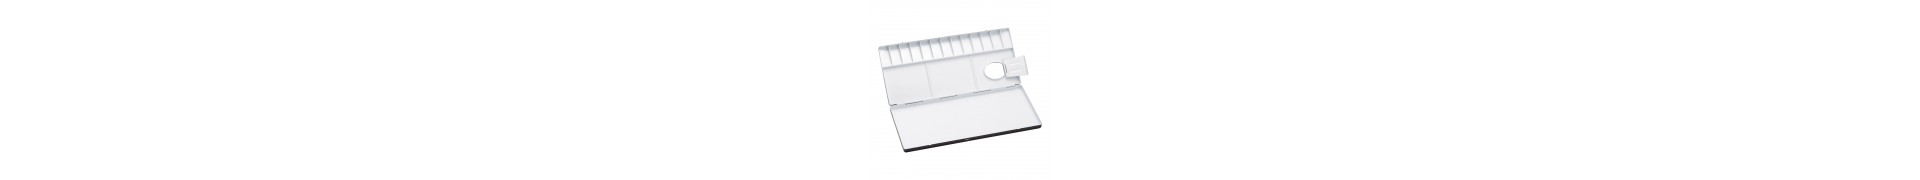 Palette aluminium HOLBEIN - 1130-40 - Pour aquarelle - F: 24.5 x 10.5 cm (Pliante)